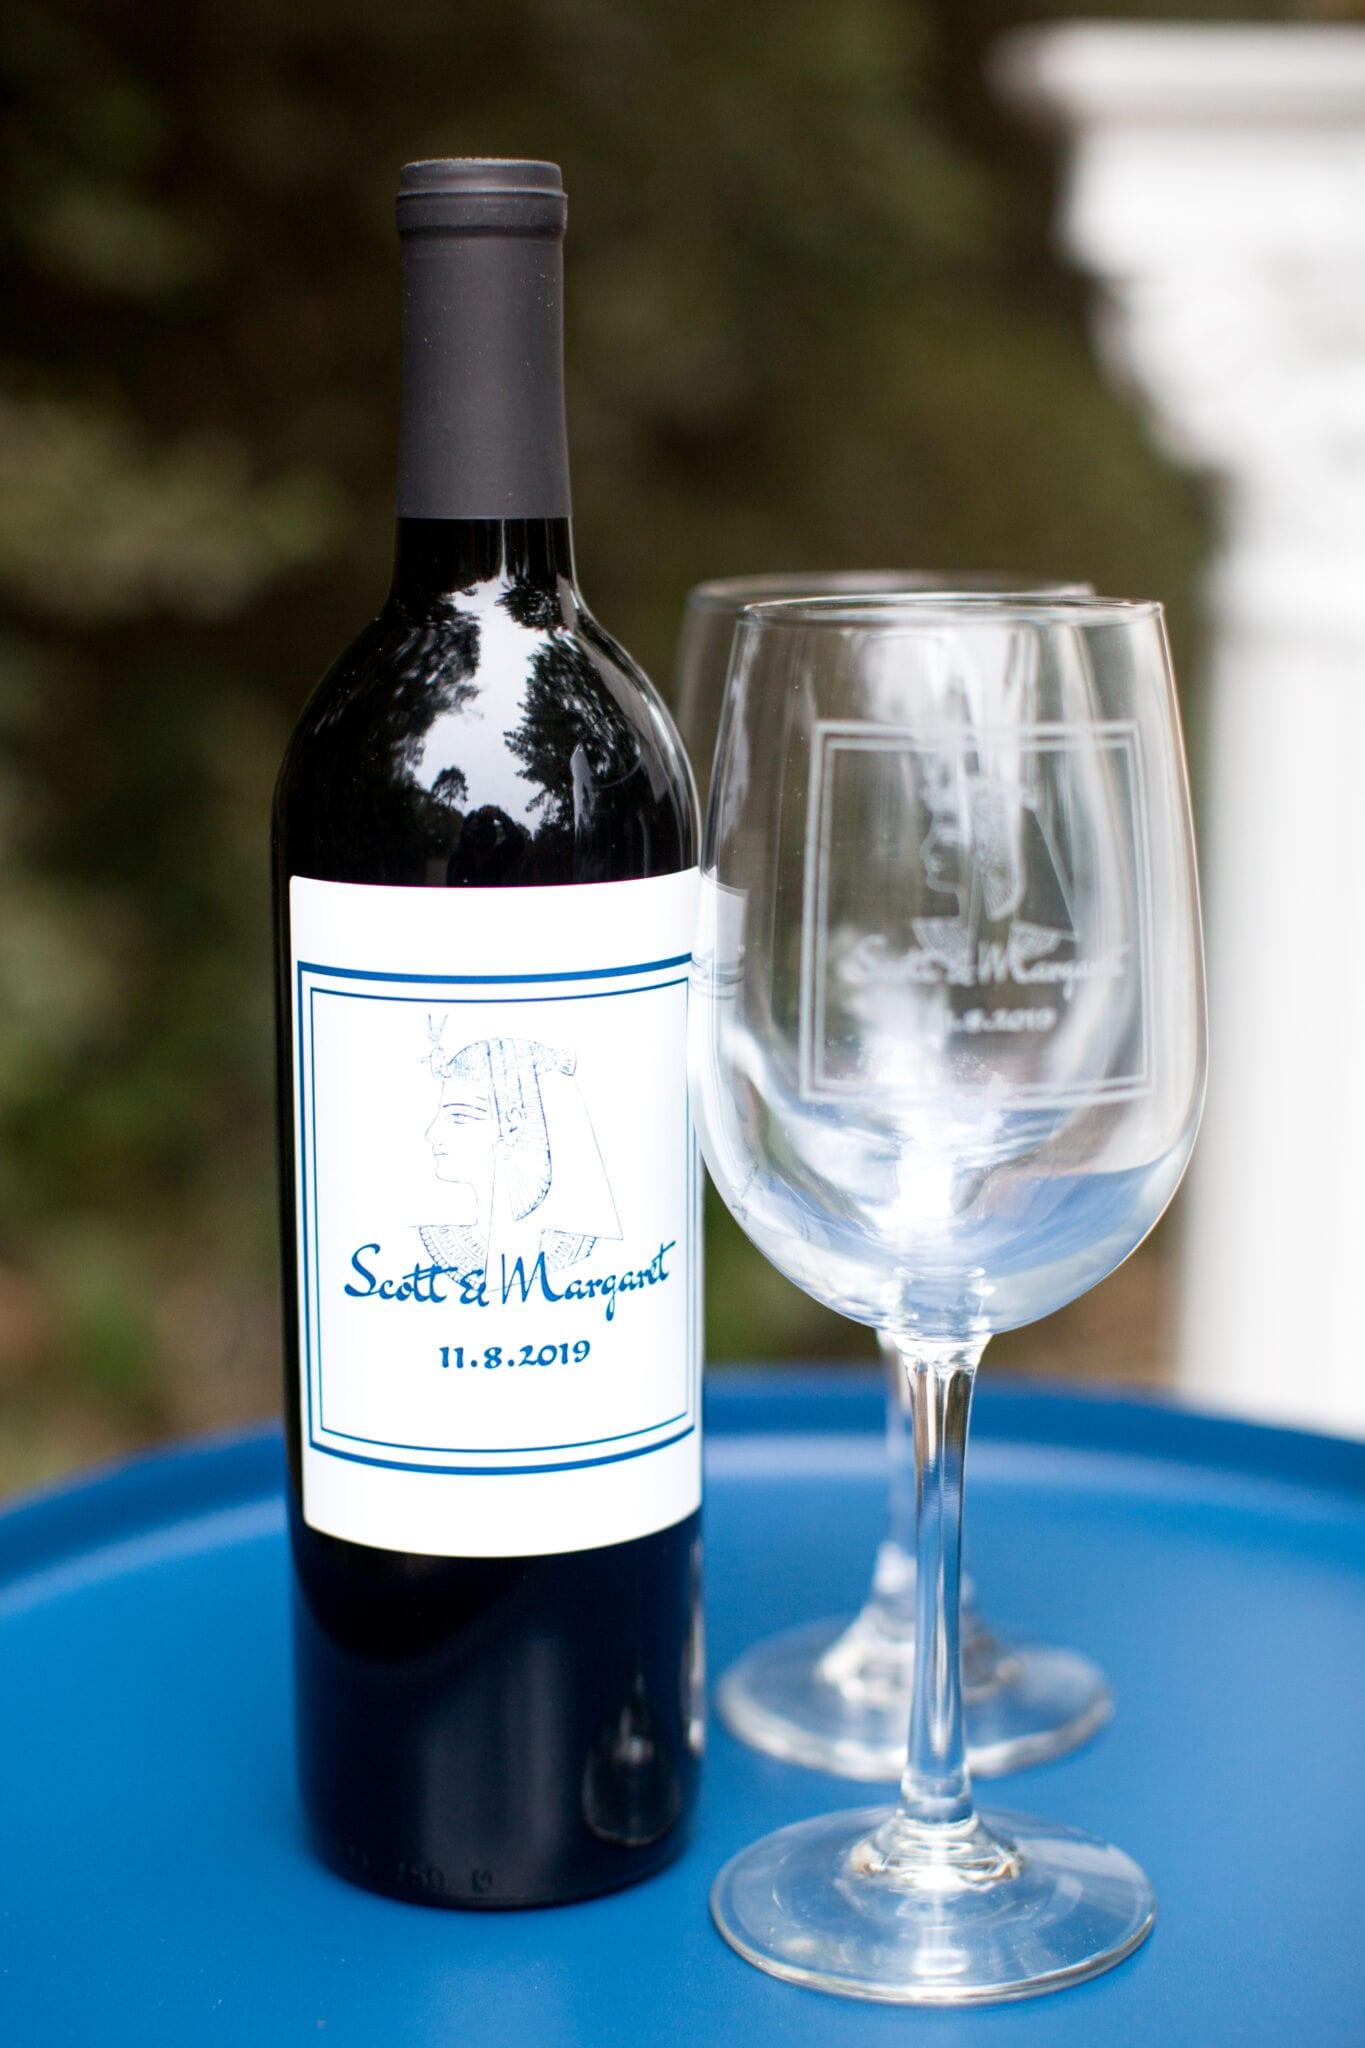 Custom wine bottle and wine glasses for engagement